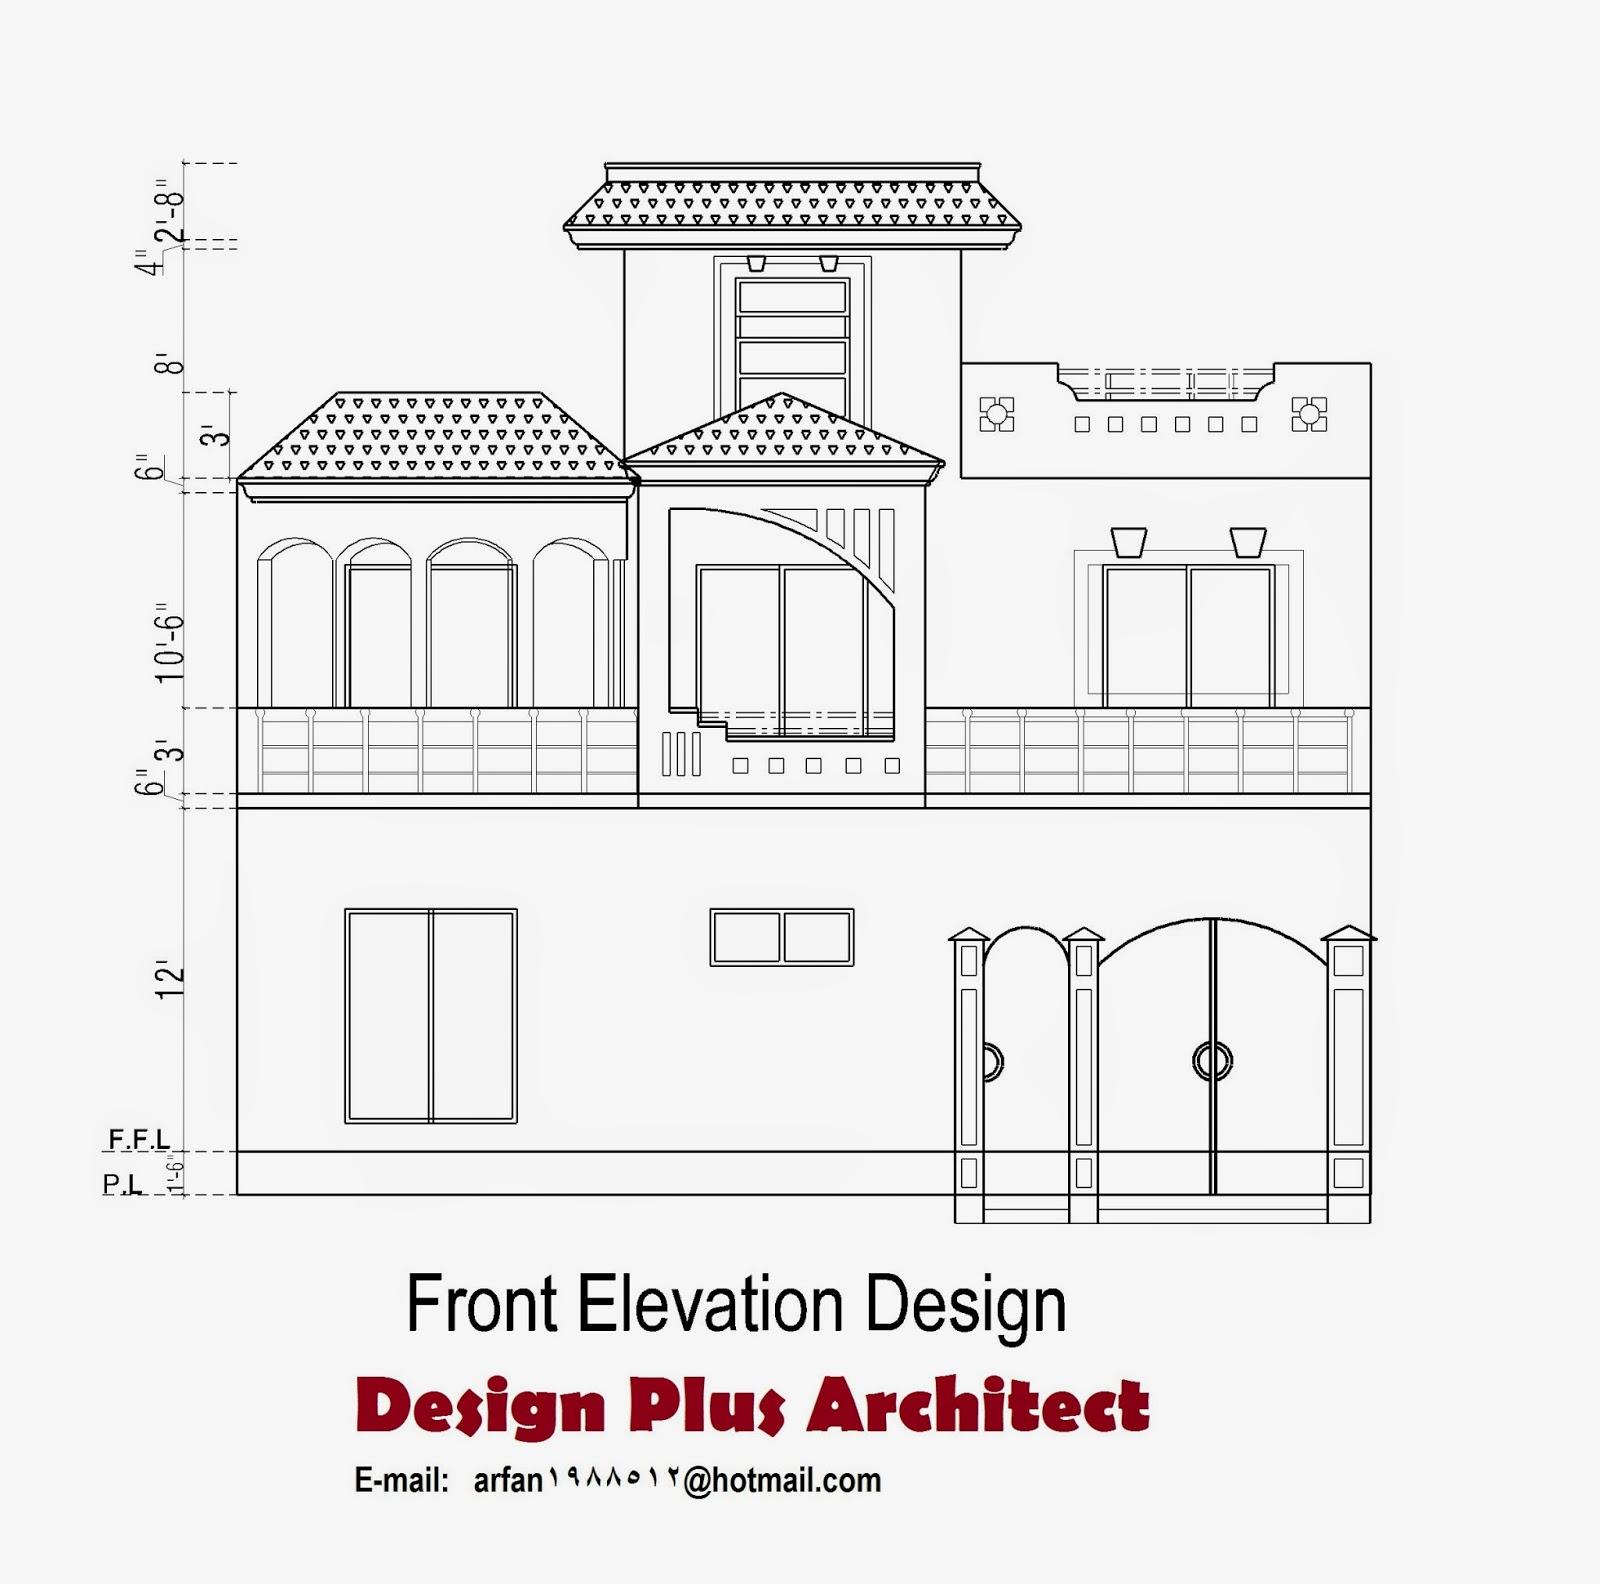 home plans pakistan home decor architect designer home plan planhouse house plans home plans plan designers simple planhouse